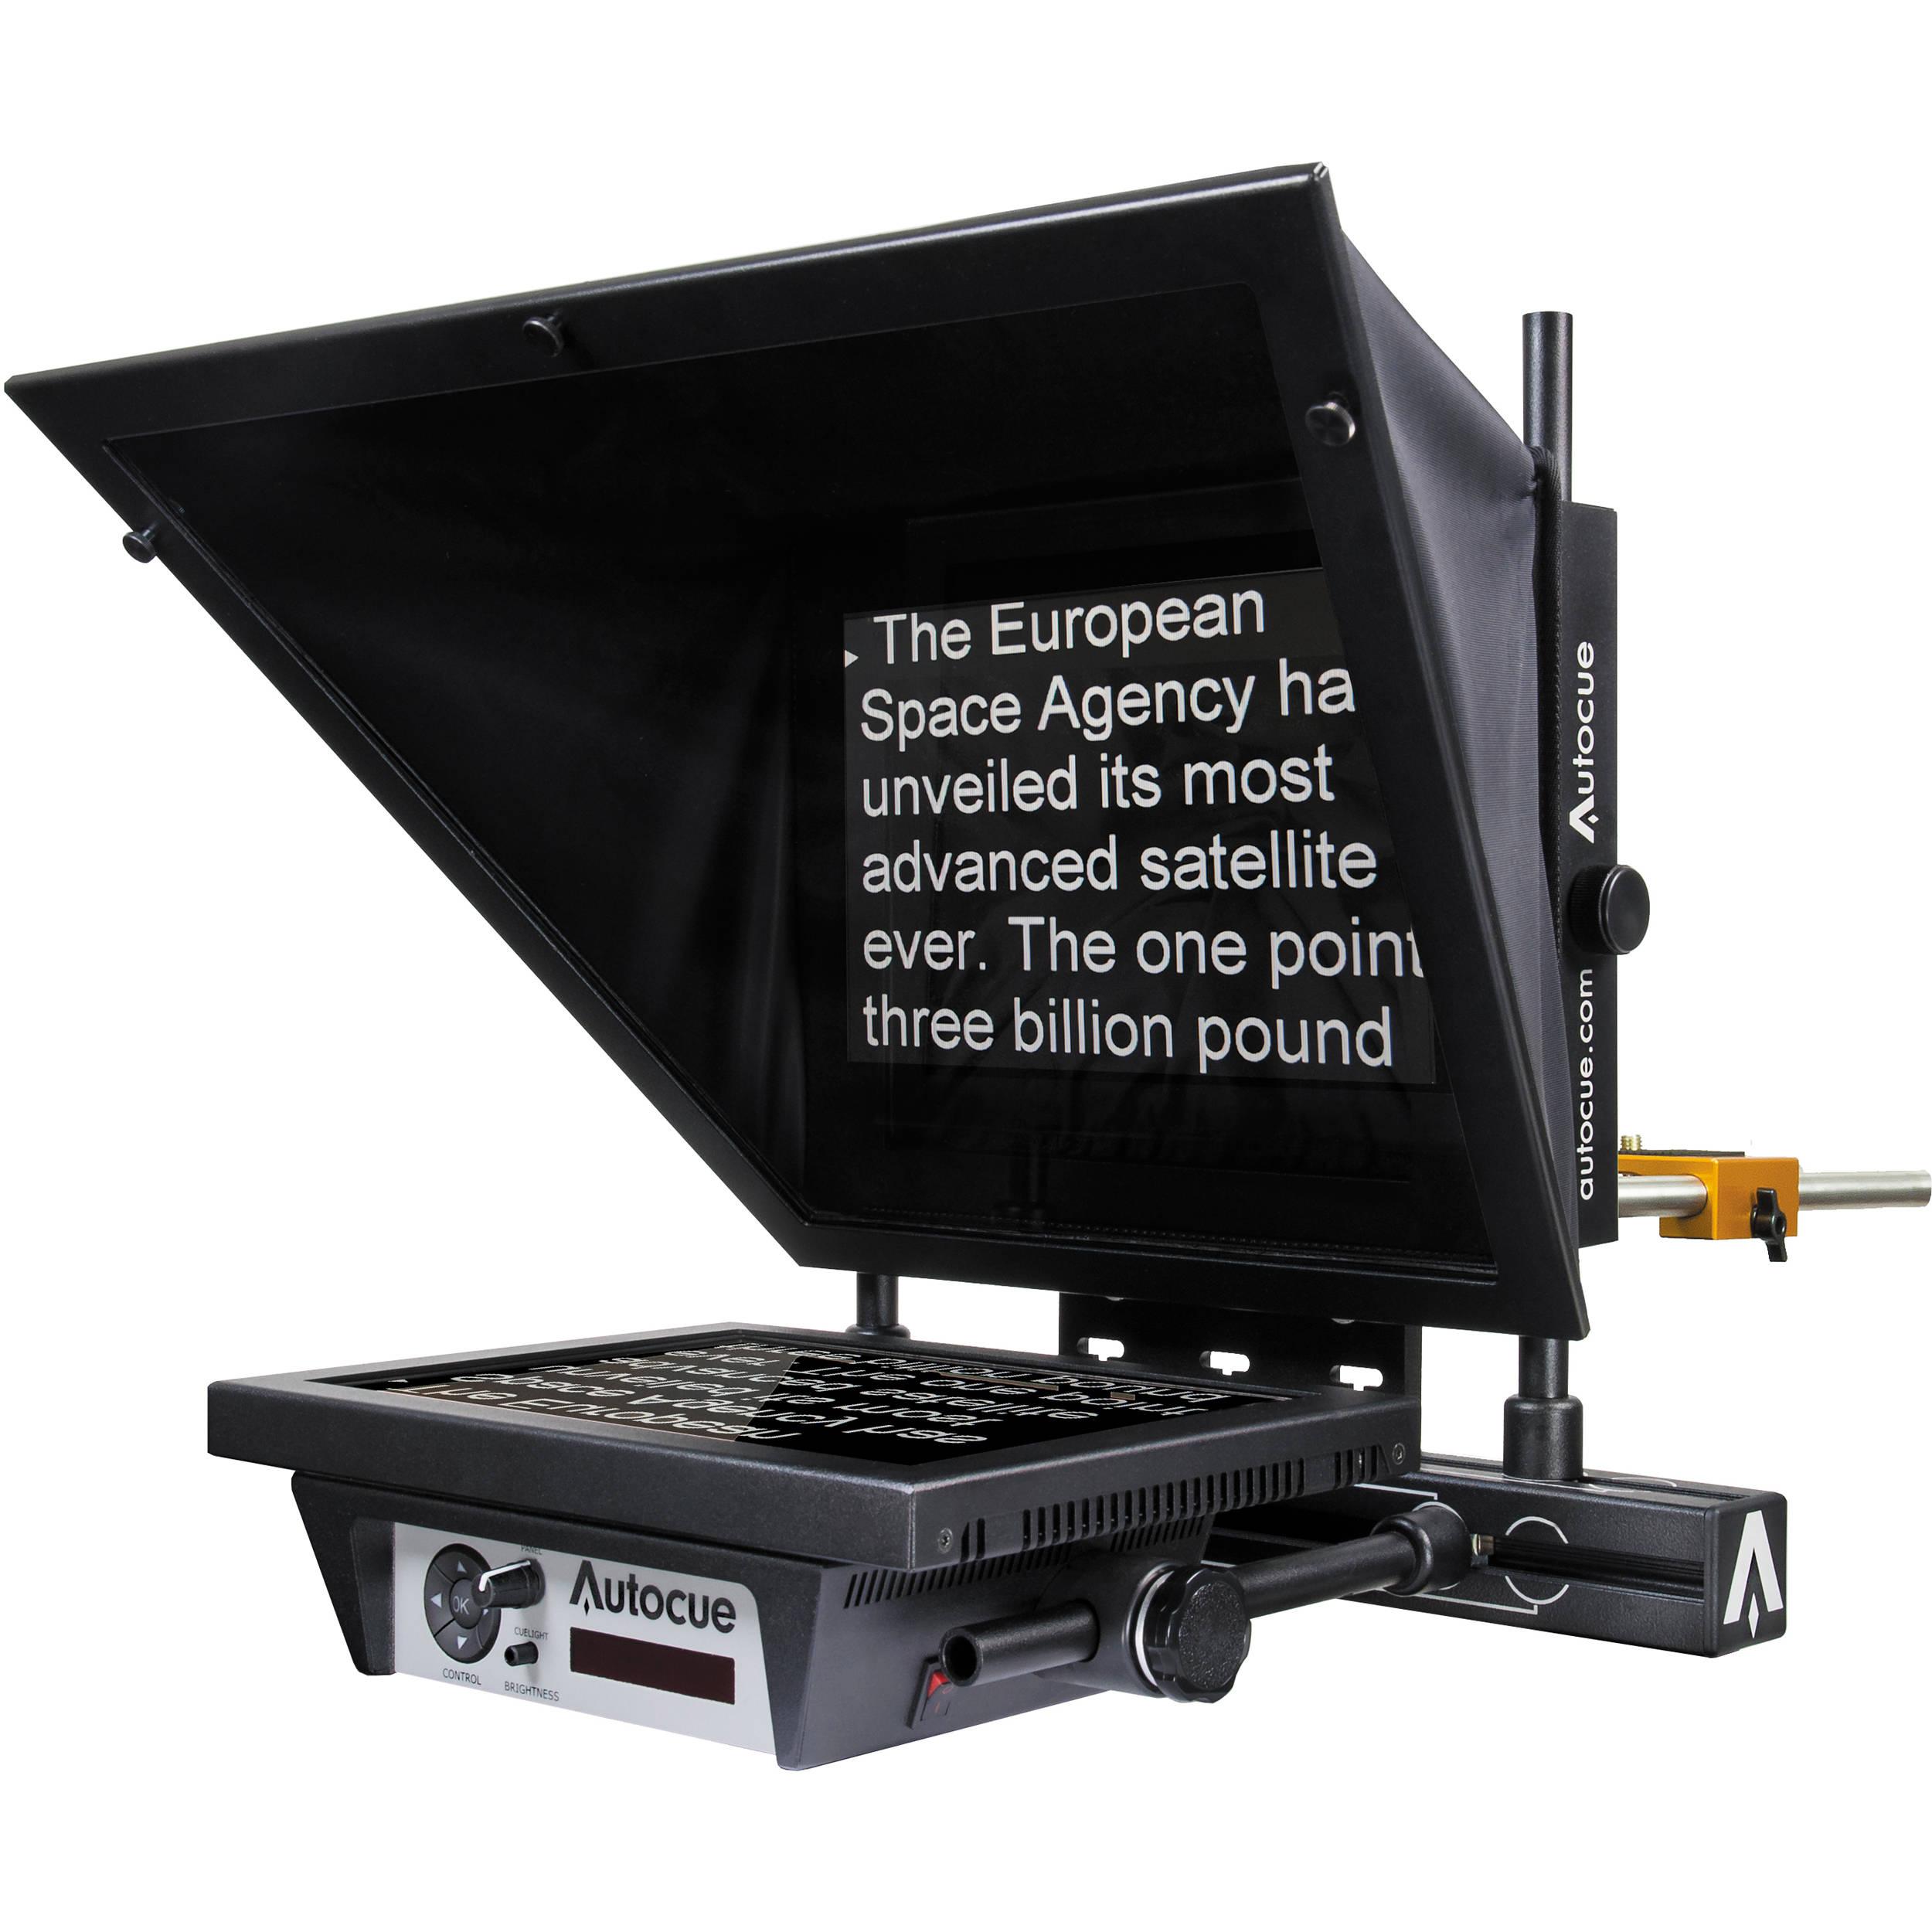 autocue qtv msp12 master series 12 prompter ocu msp12fhgp